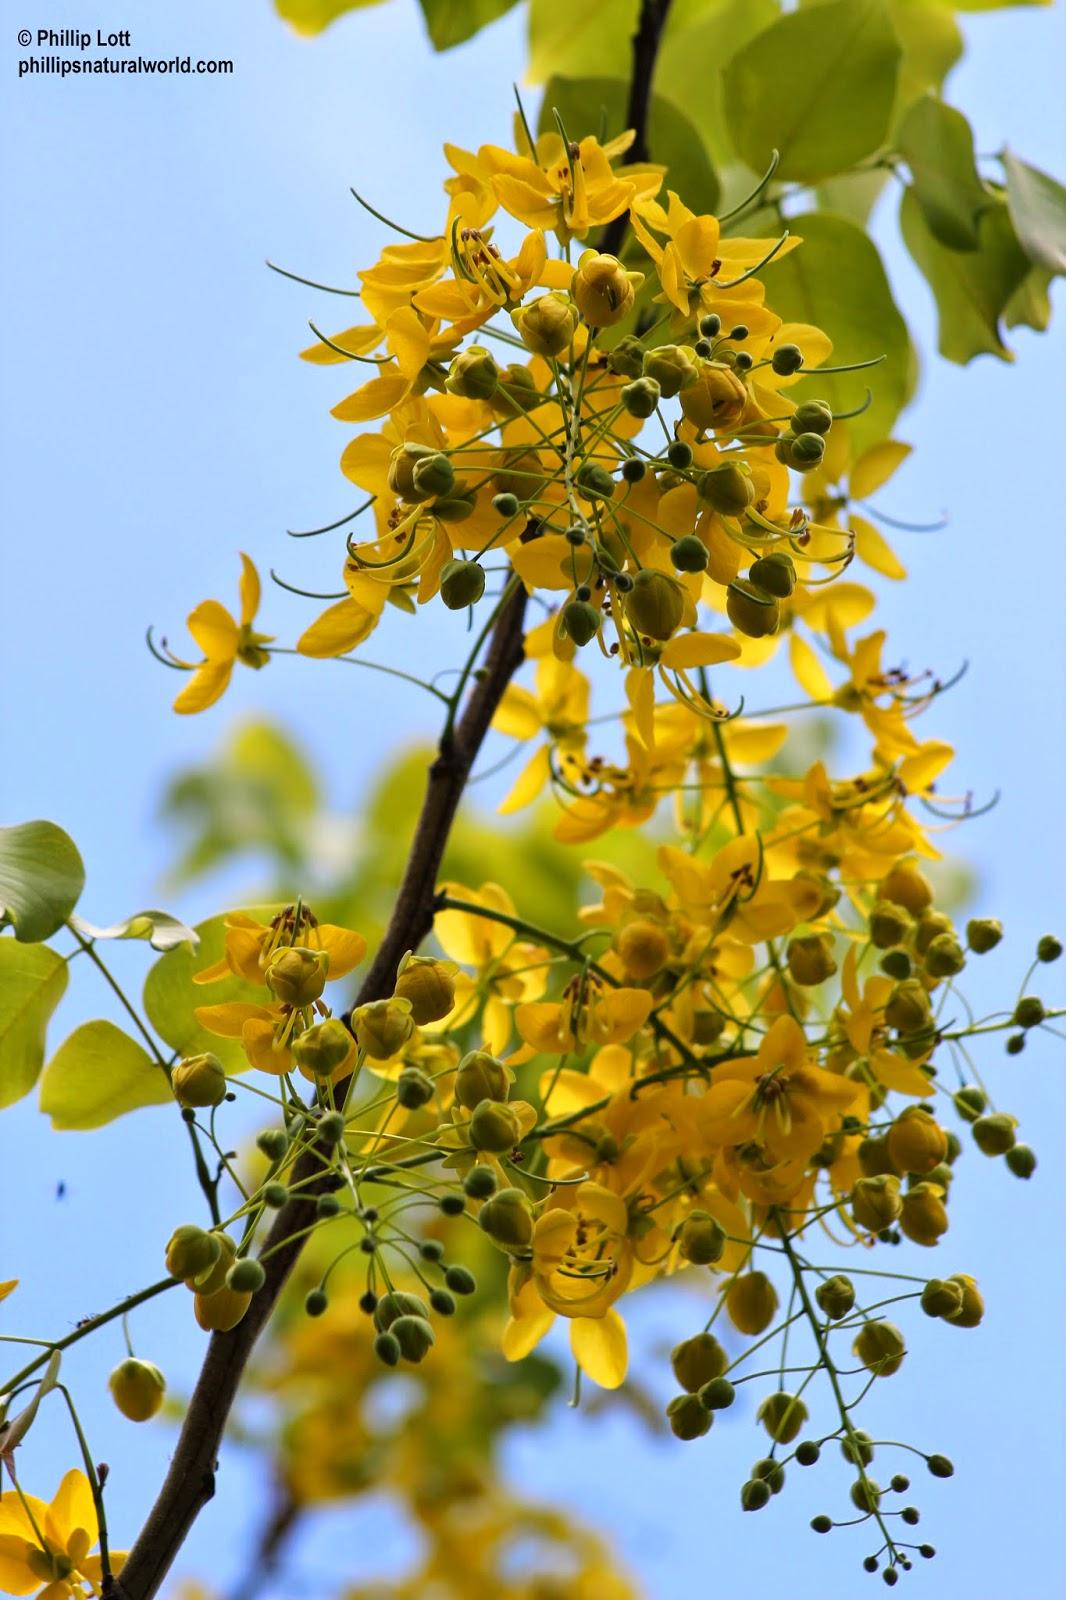 Golden Shower Tree Phillips Natural World